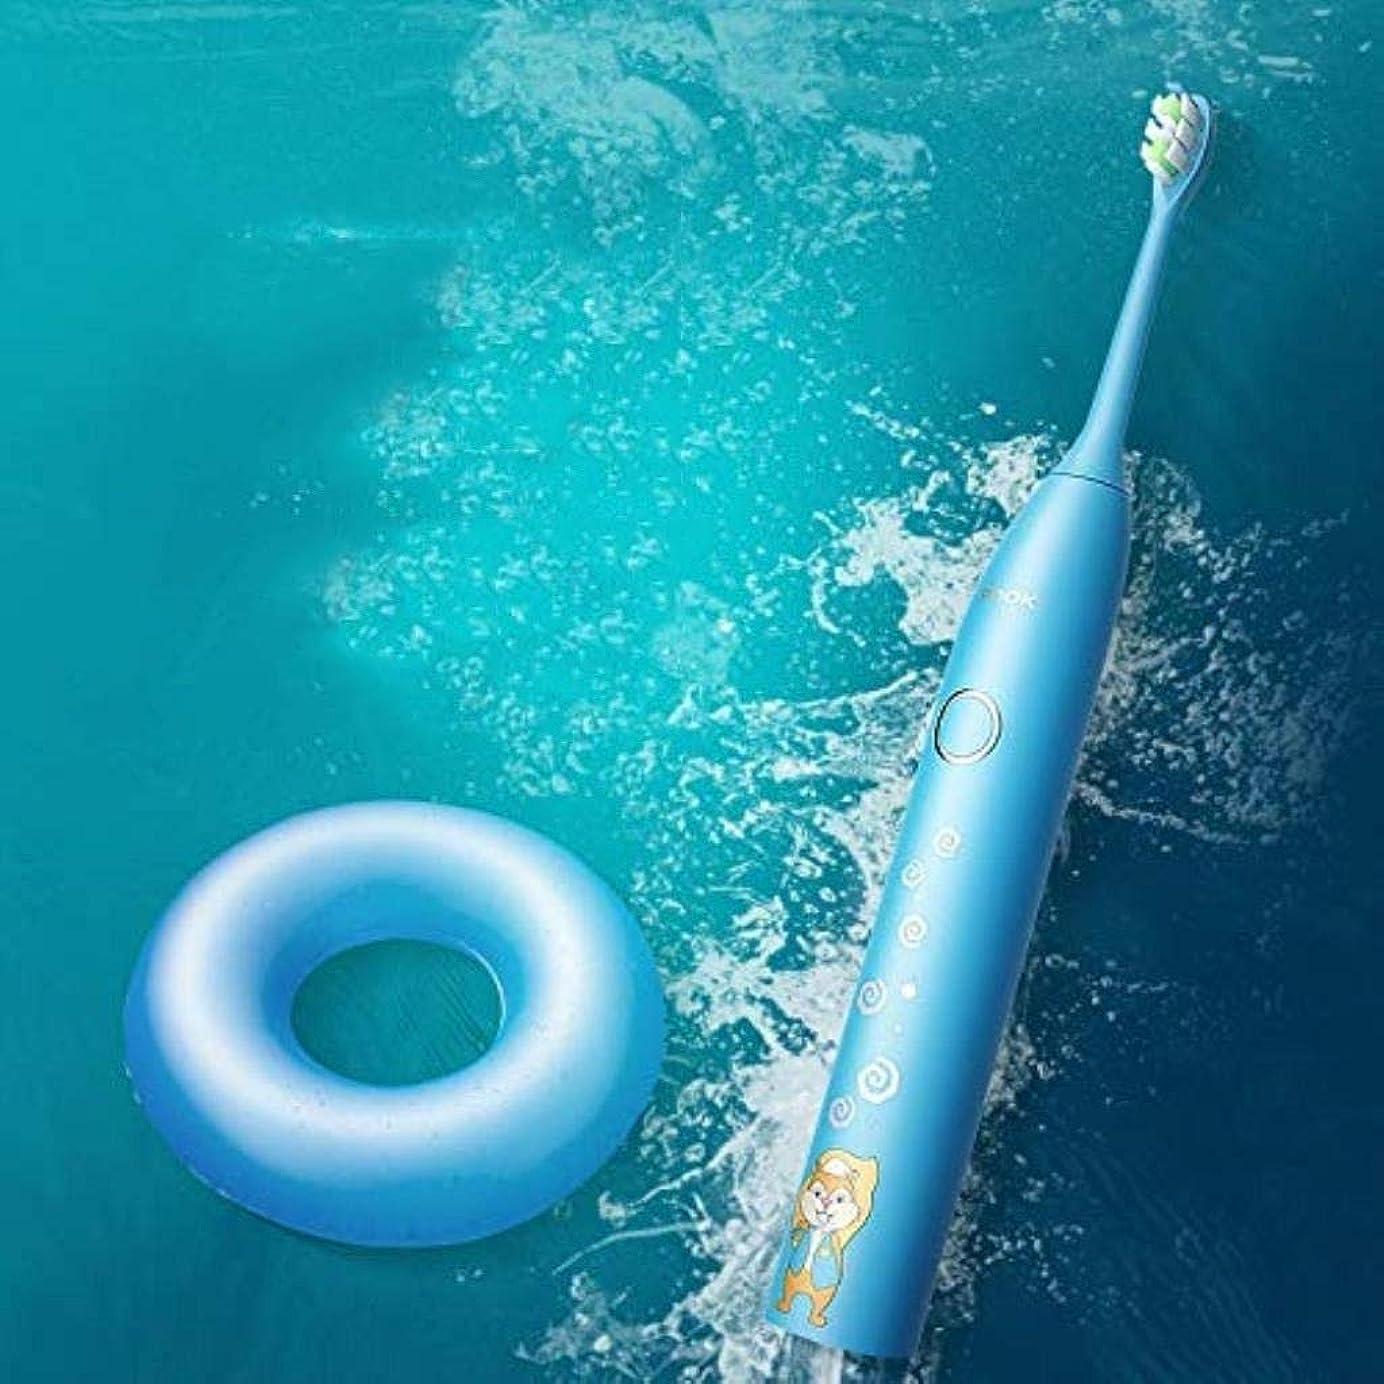 予測不健全応援する電動歯ブラシ、充電式歯ブラシ、スタンド付き大人用電動歯ブラシ、交換用ヘッド1本IP67防水、急速充電 (Color : A)